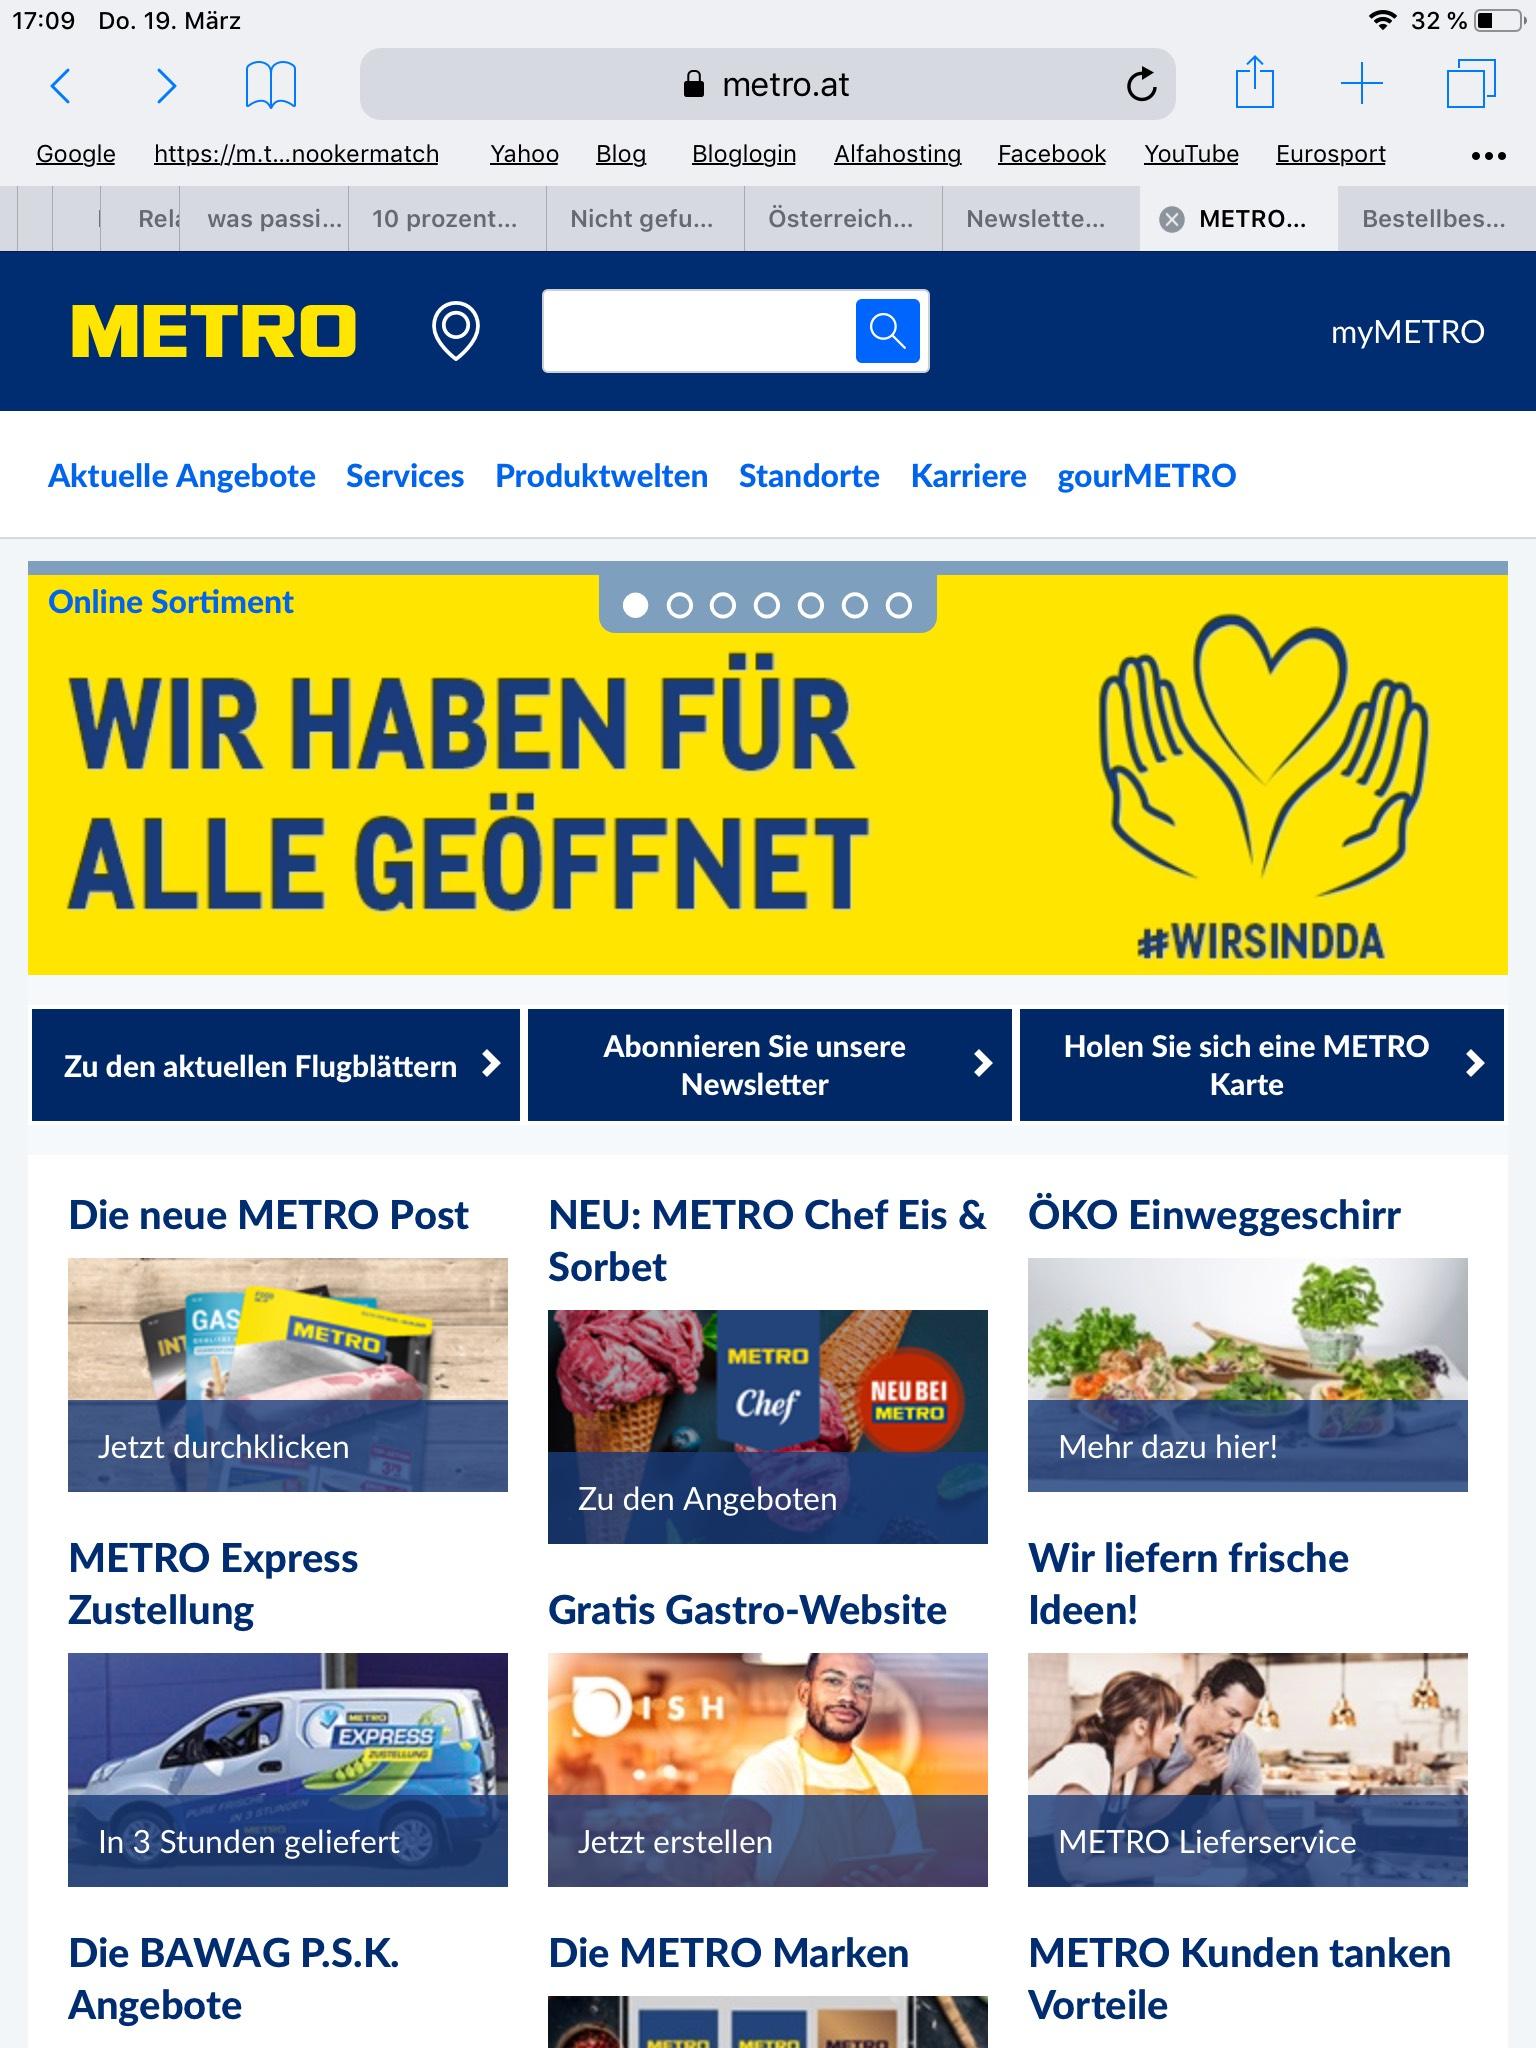 Metro offen für ALLE